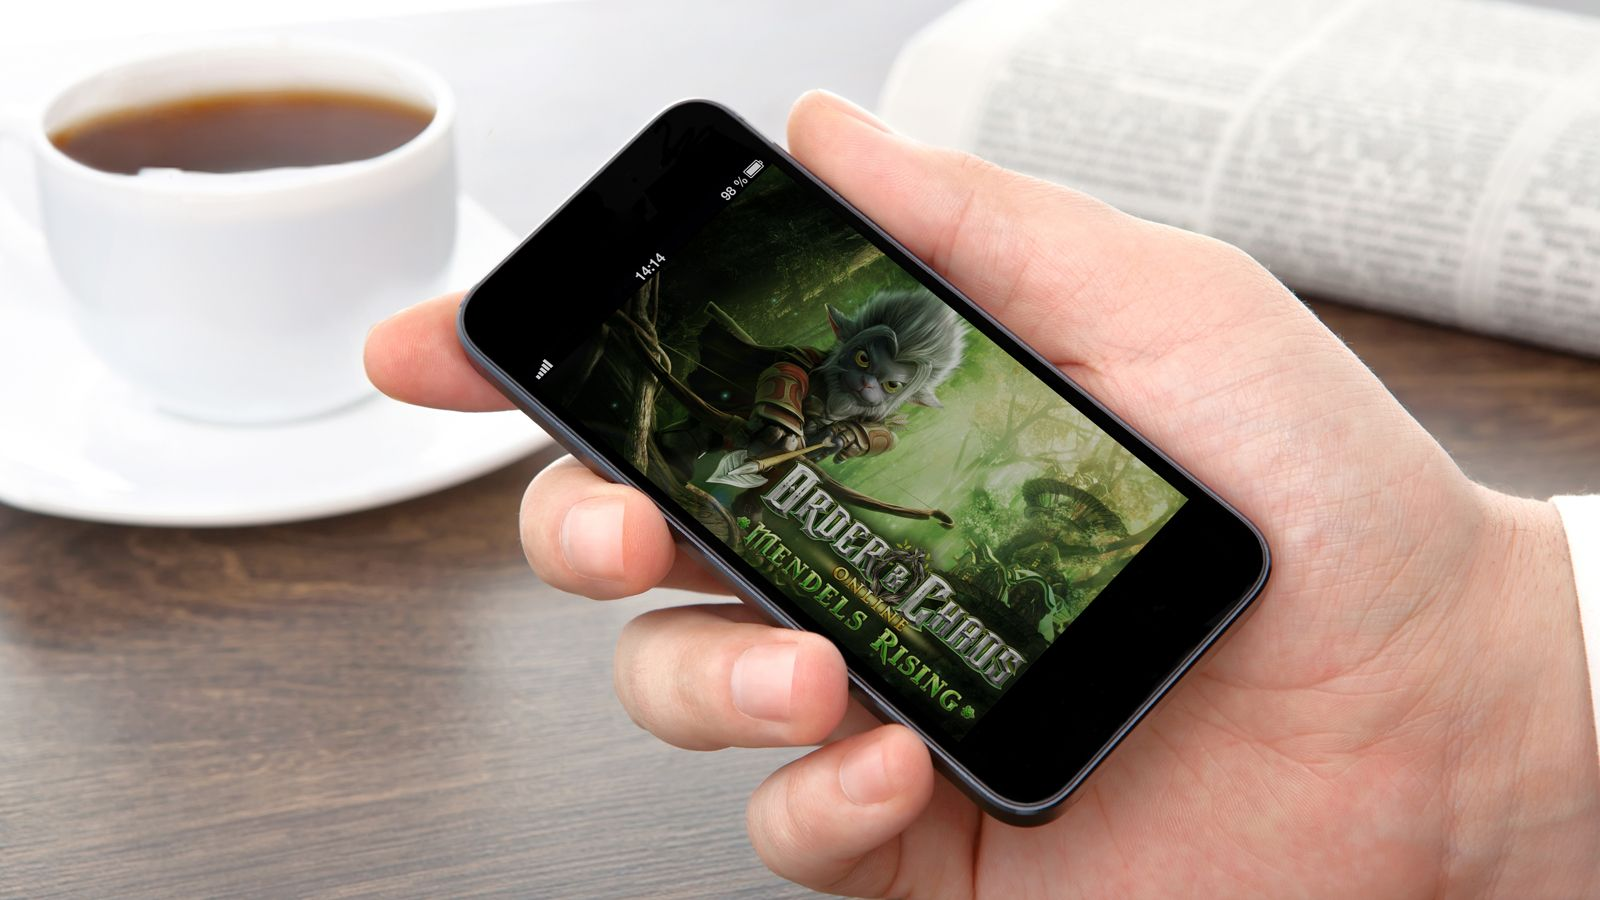 Ukens apper til iOS, Android og Windows Phone